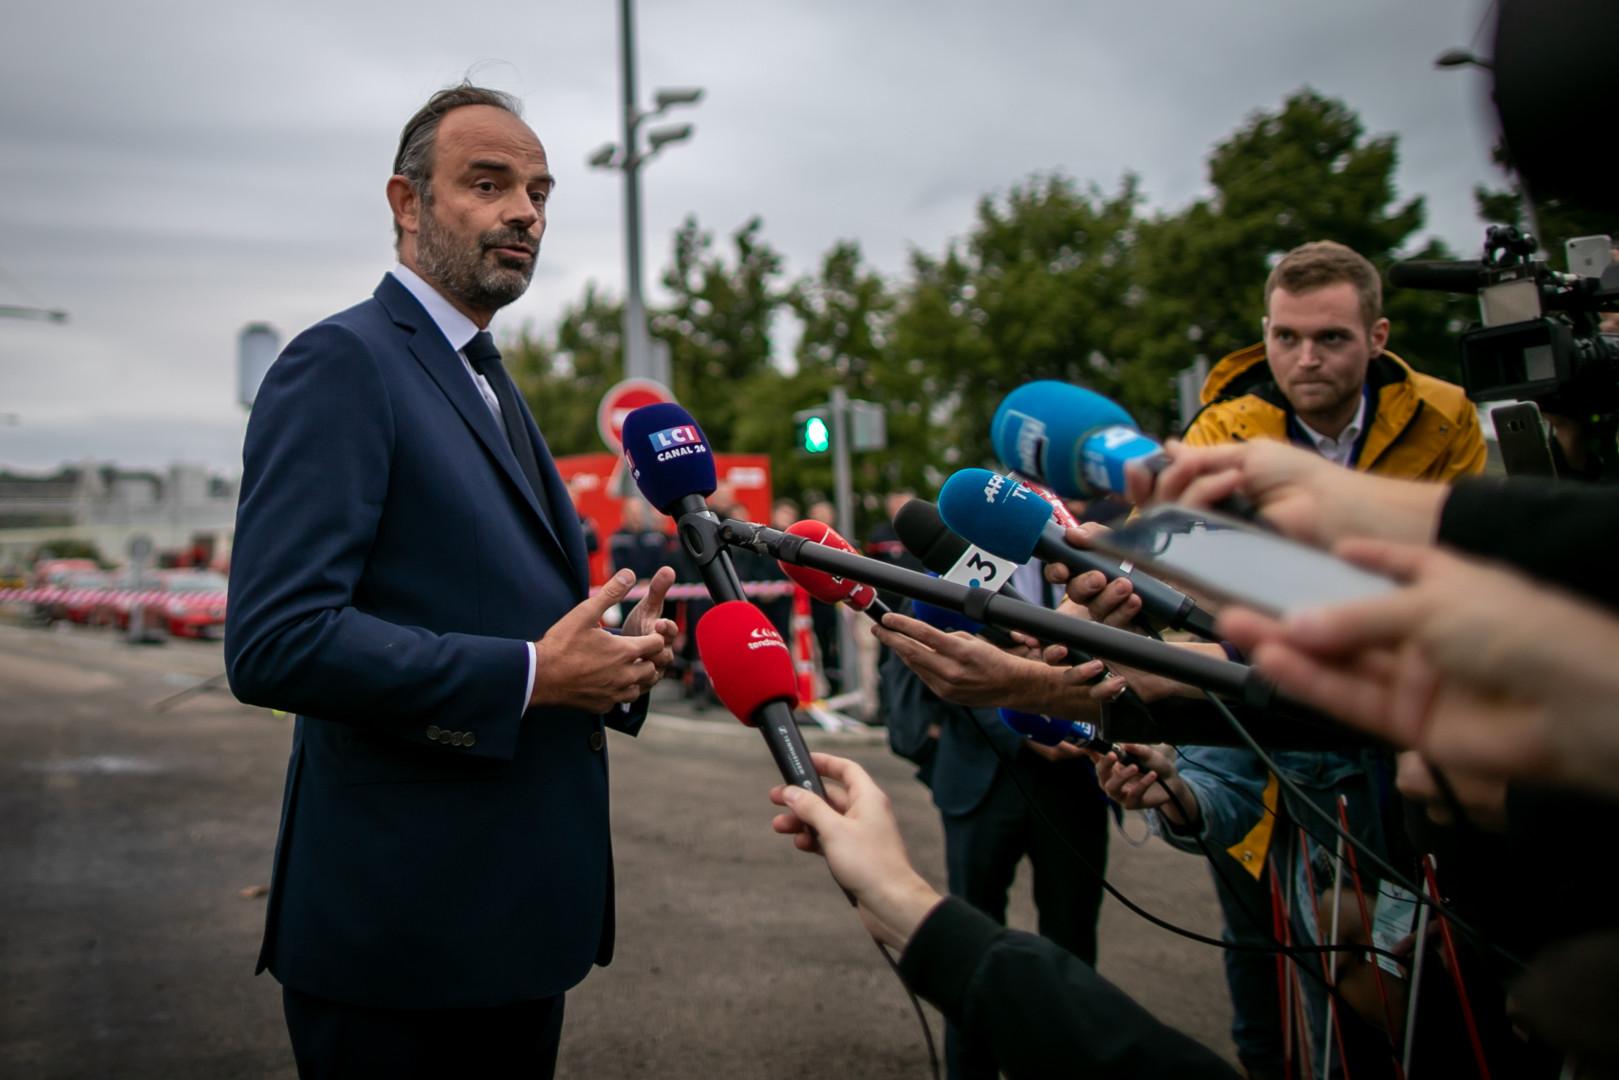 Édouard Philippe à Rouen après l'incendie de l'usine de Lubrizol, le 30 septembre 2019